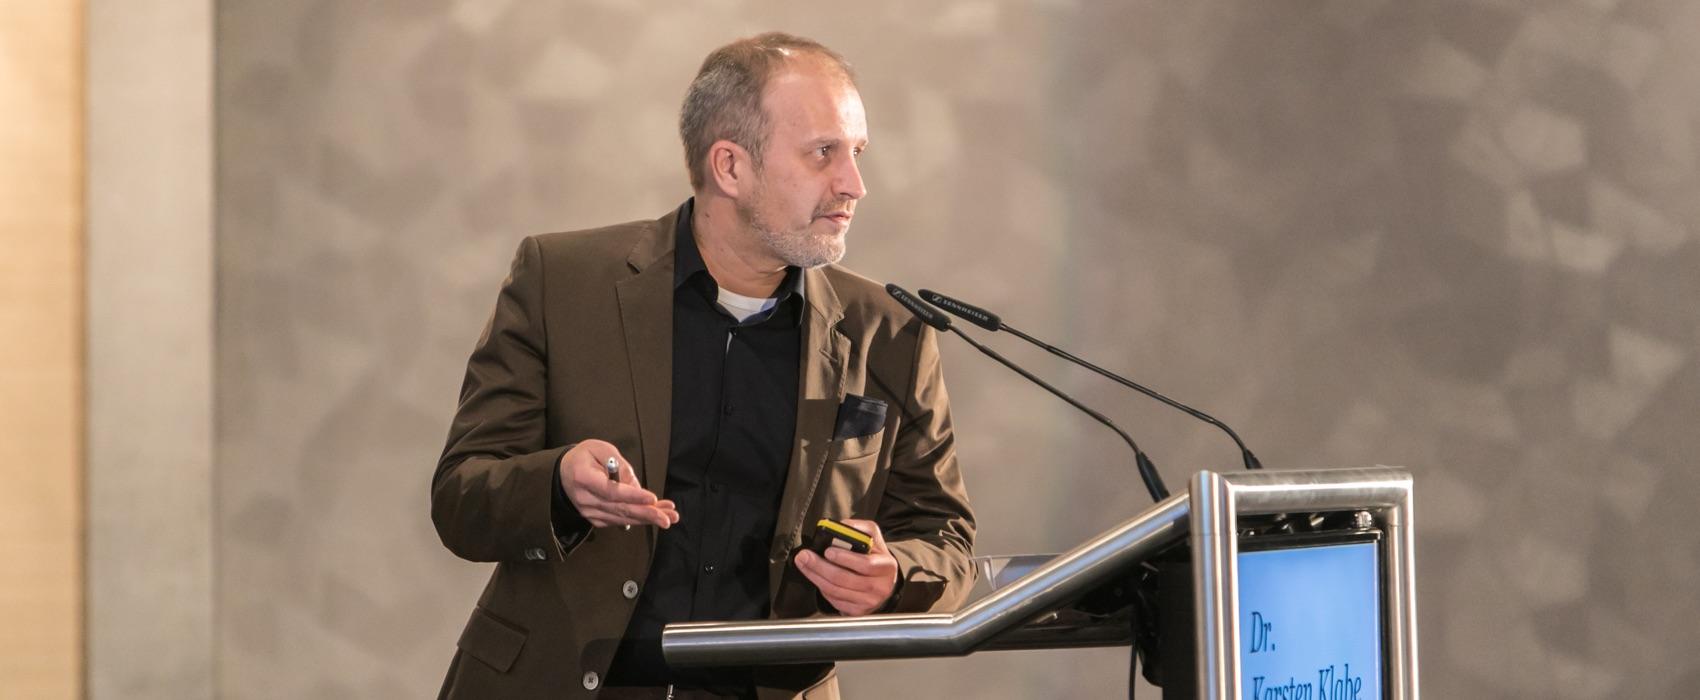 Dr. Karsten Klabe beim Vortrag.